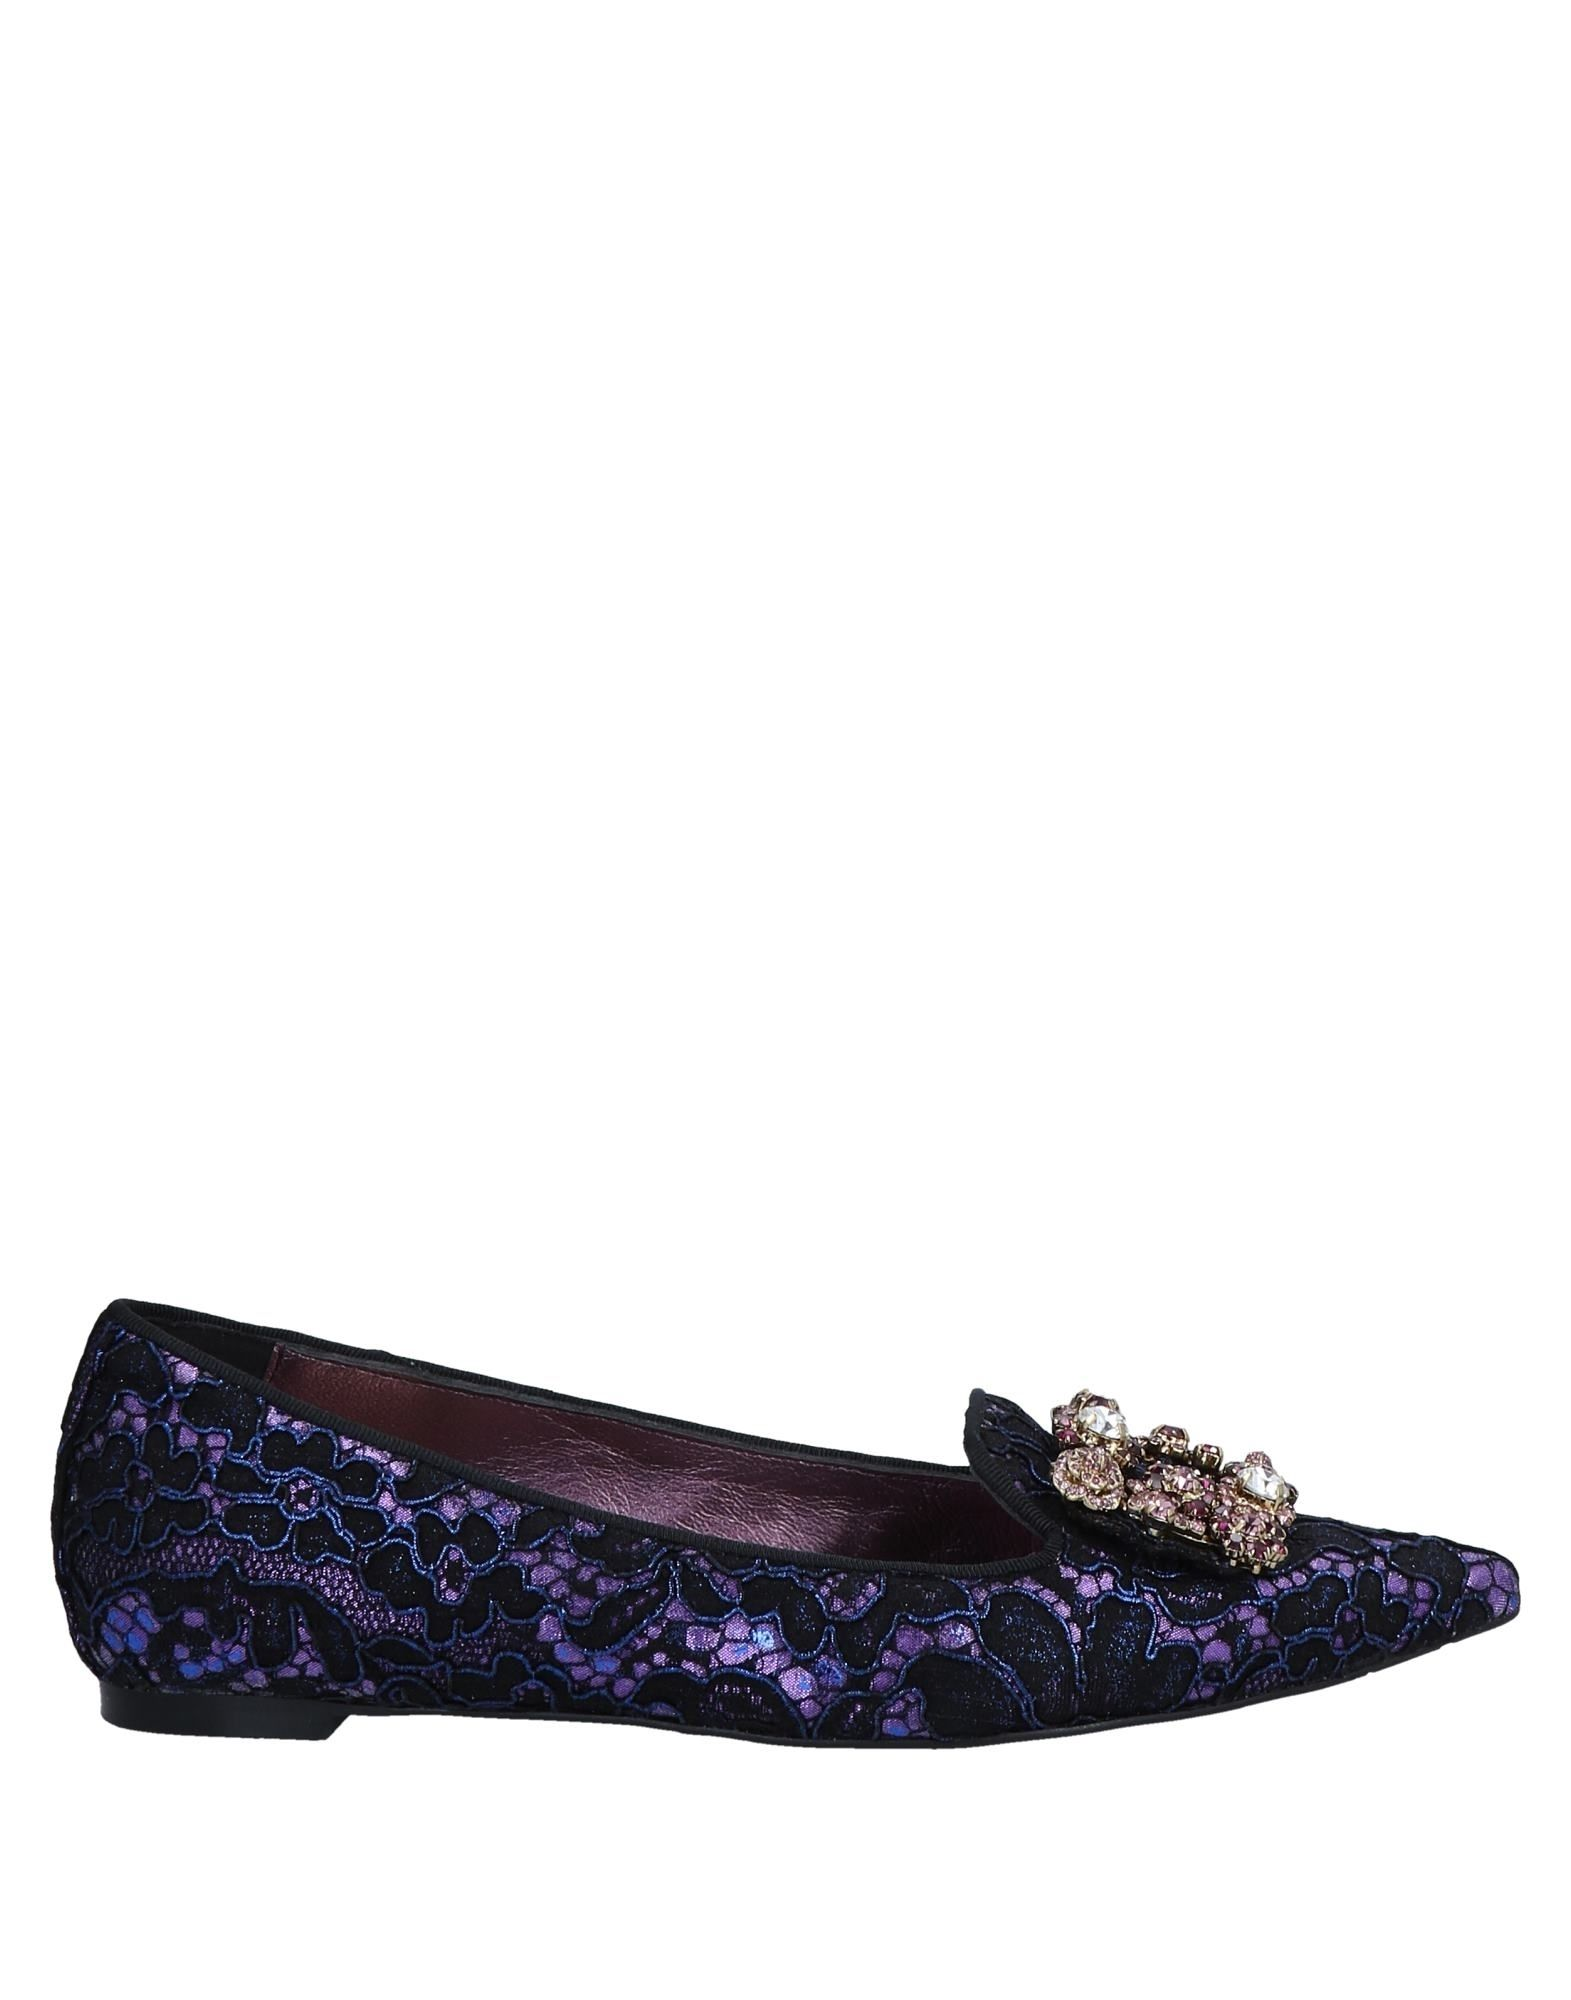 Ras Ballet Flats - Women Ras Ballet Flats - online on  Australia - Flats 11583444UU b89bbe